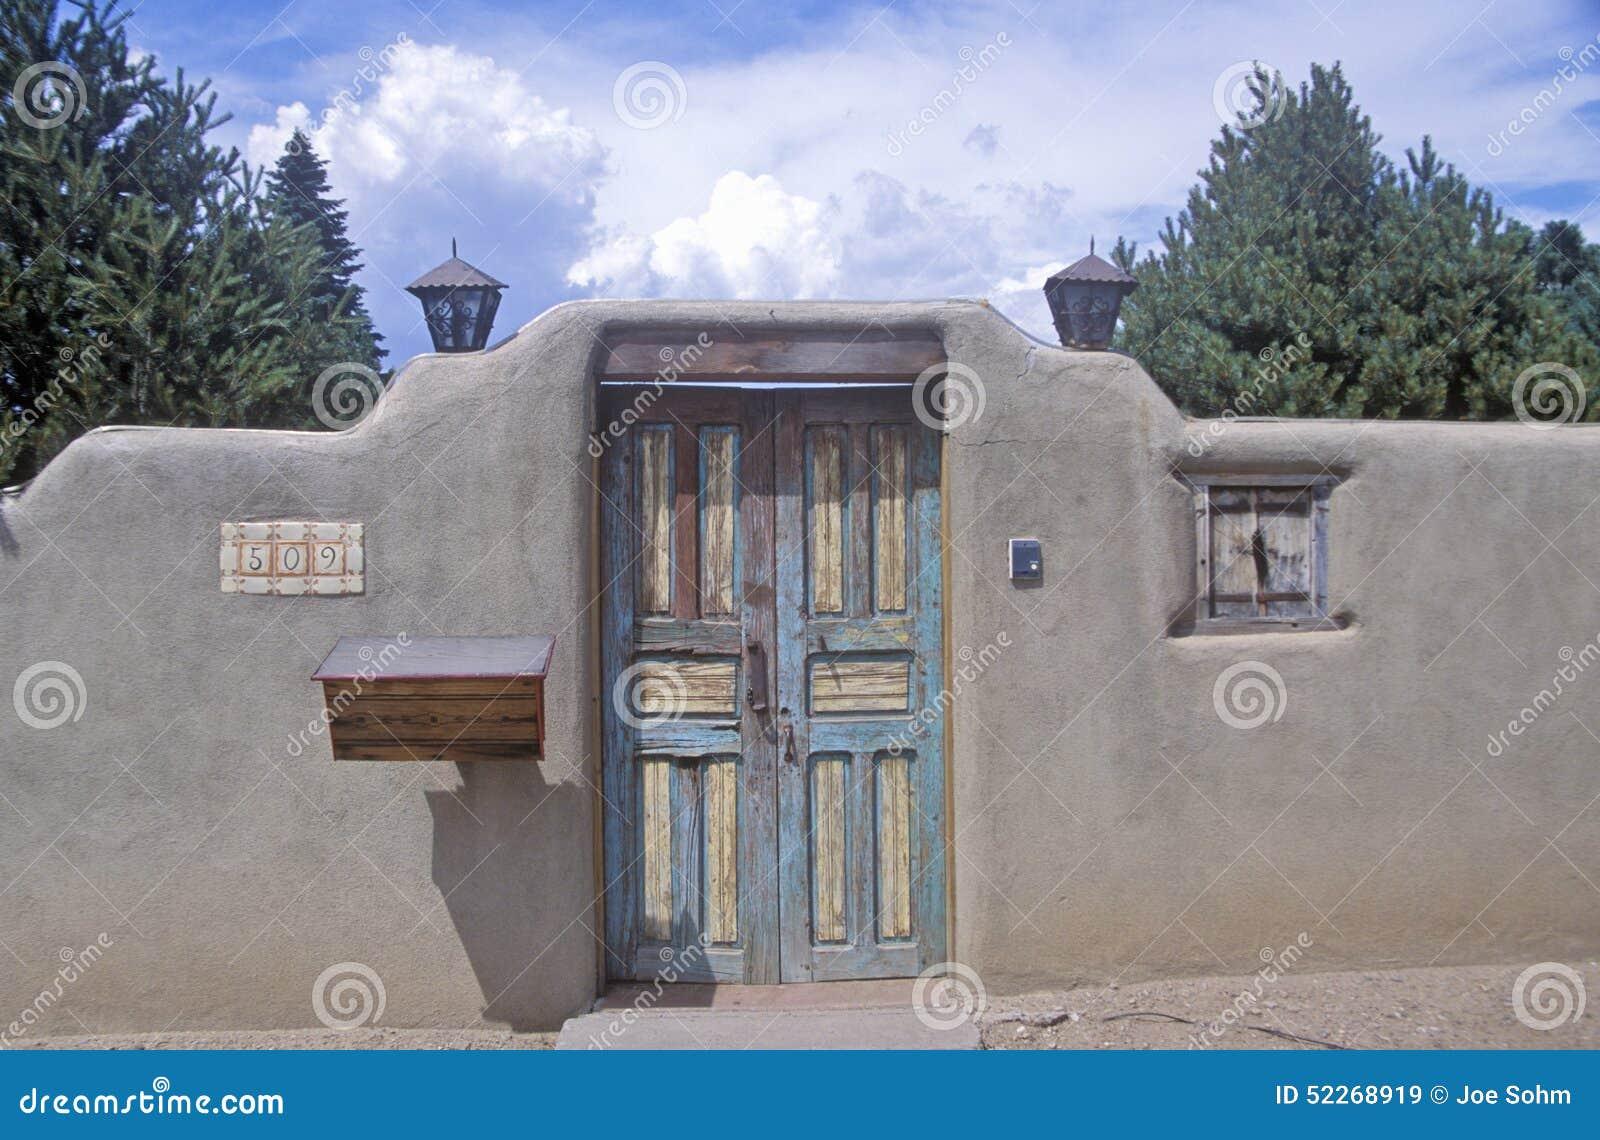 Detalhe de arquitetura do adôbe em Santa Fe, nanômetro